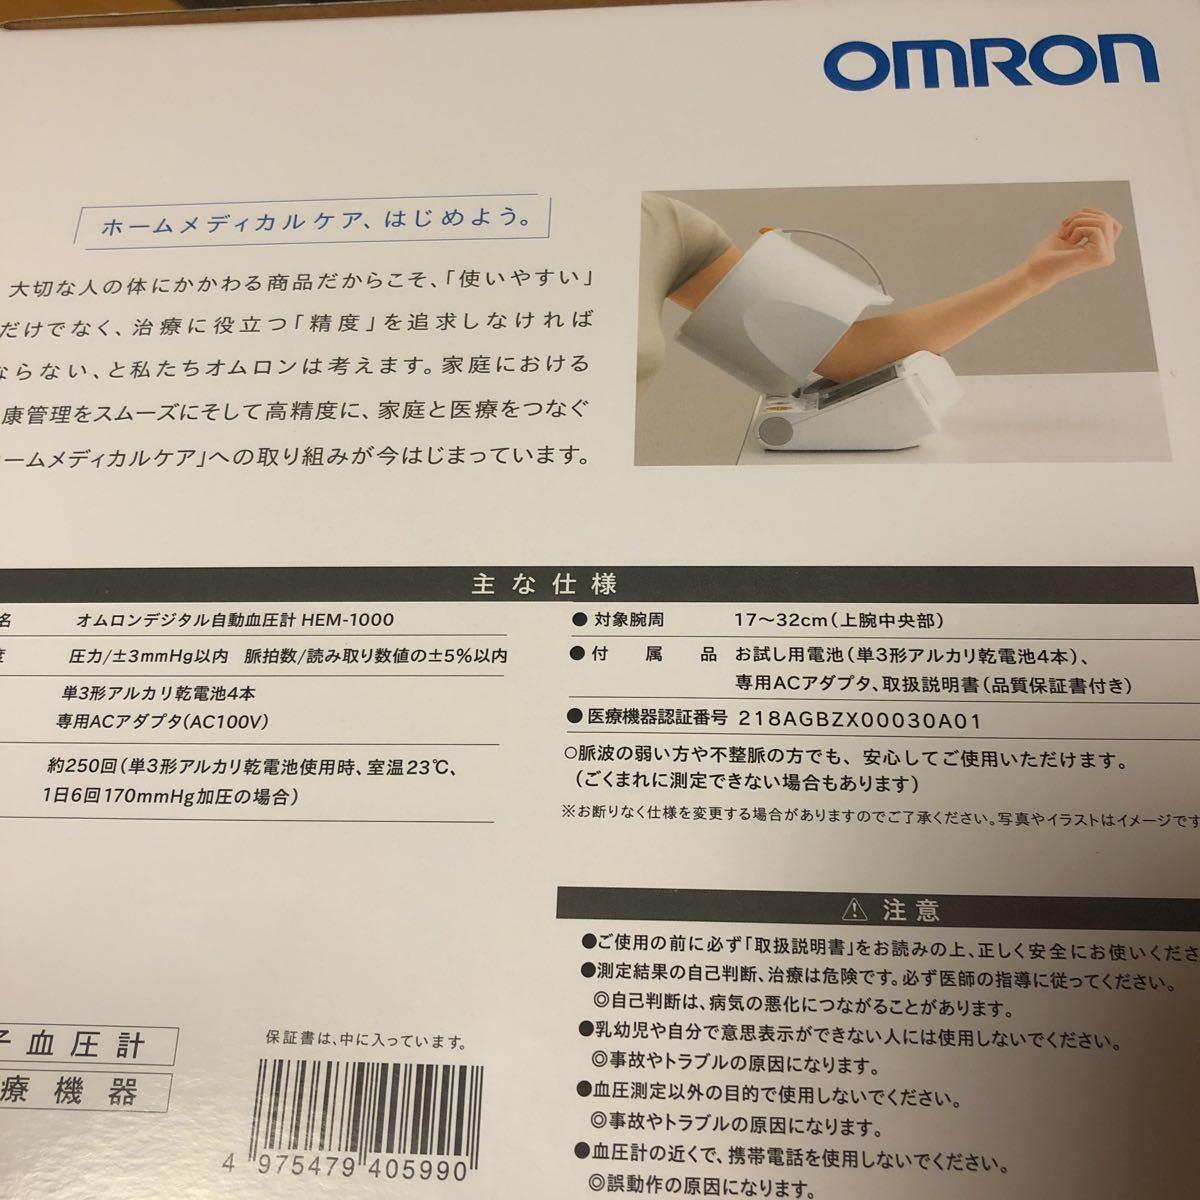 オムロンデジタル血圧計HEM-1000スポットアーム_画像2